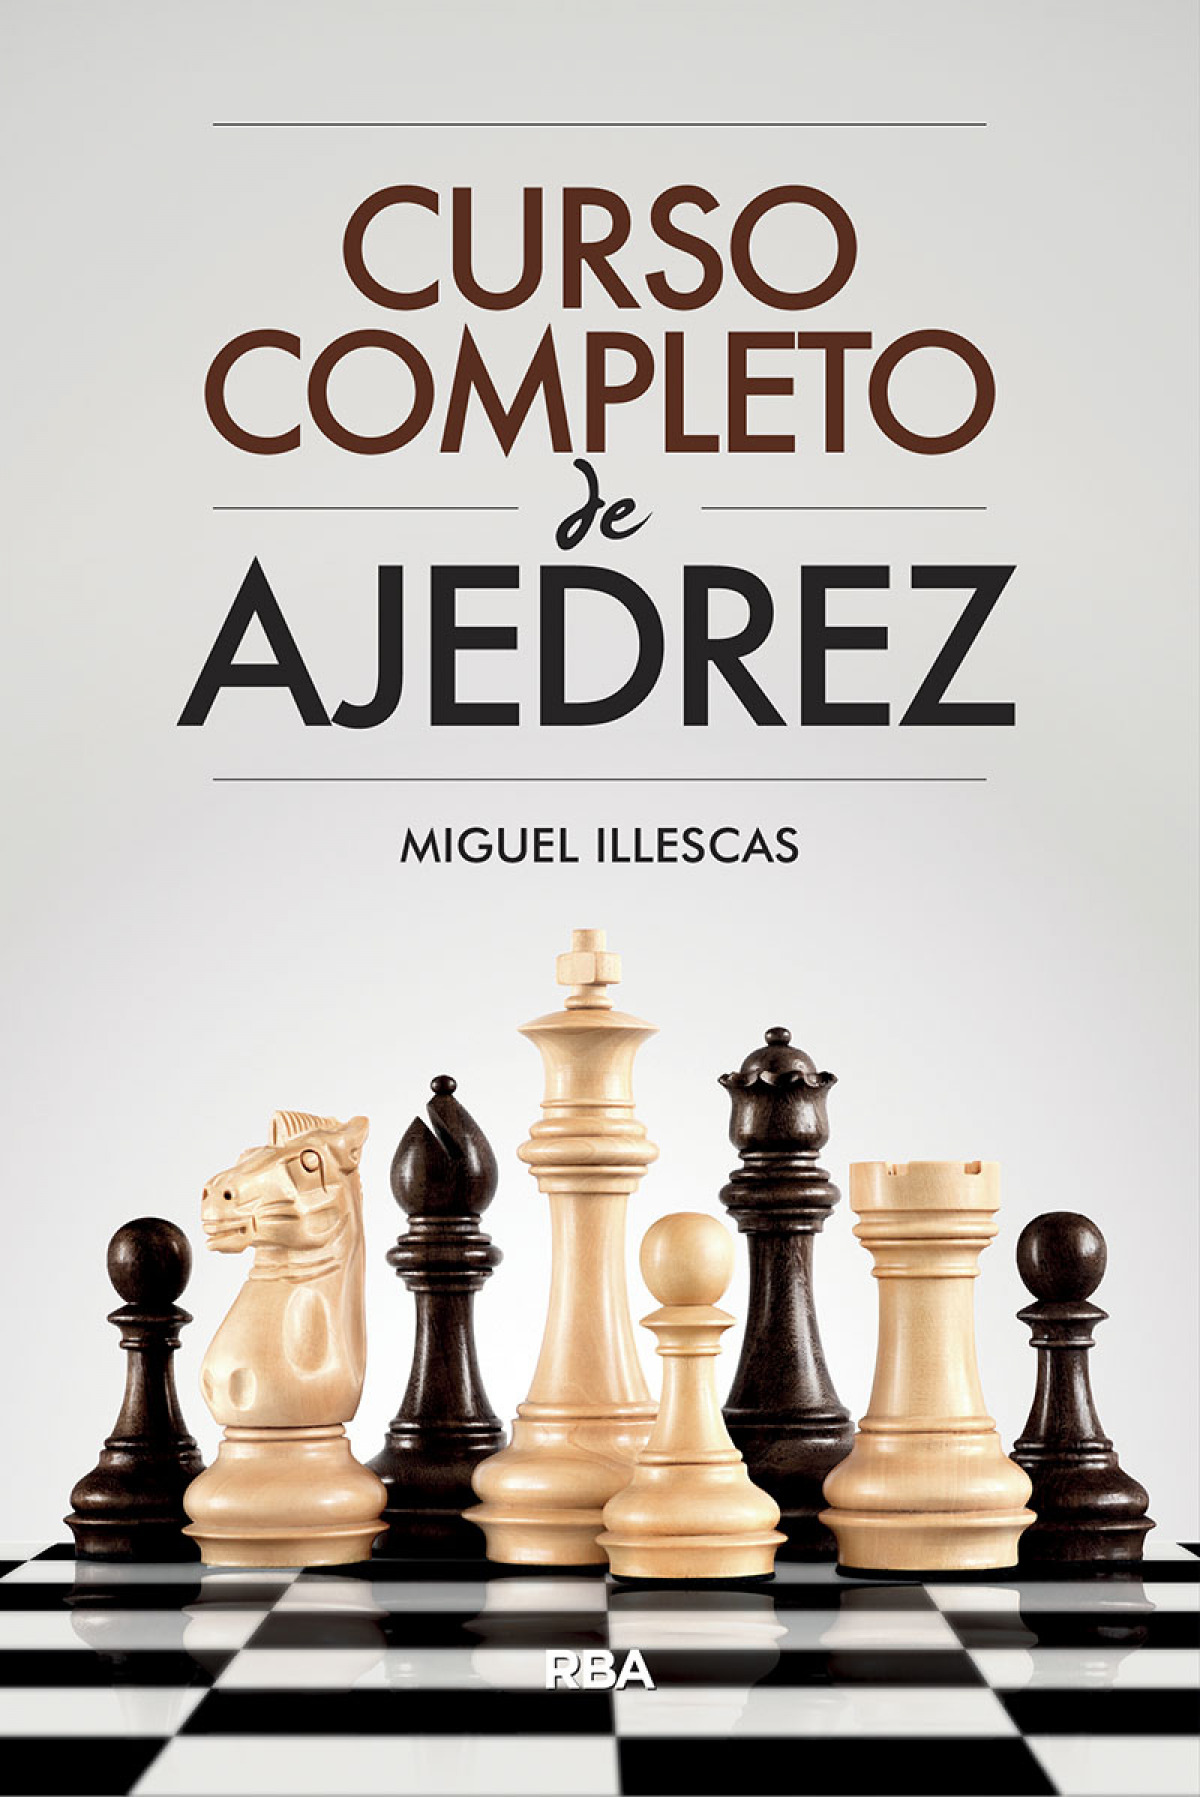 CURSO COMPLETO DE AJEDREZ 9788491871330